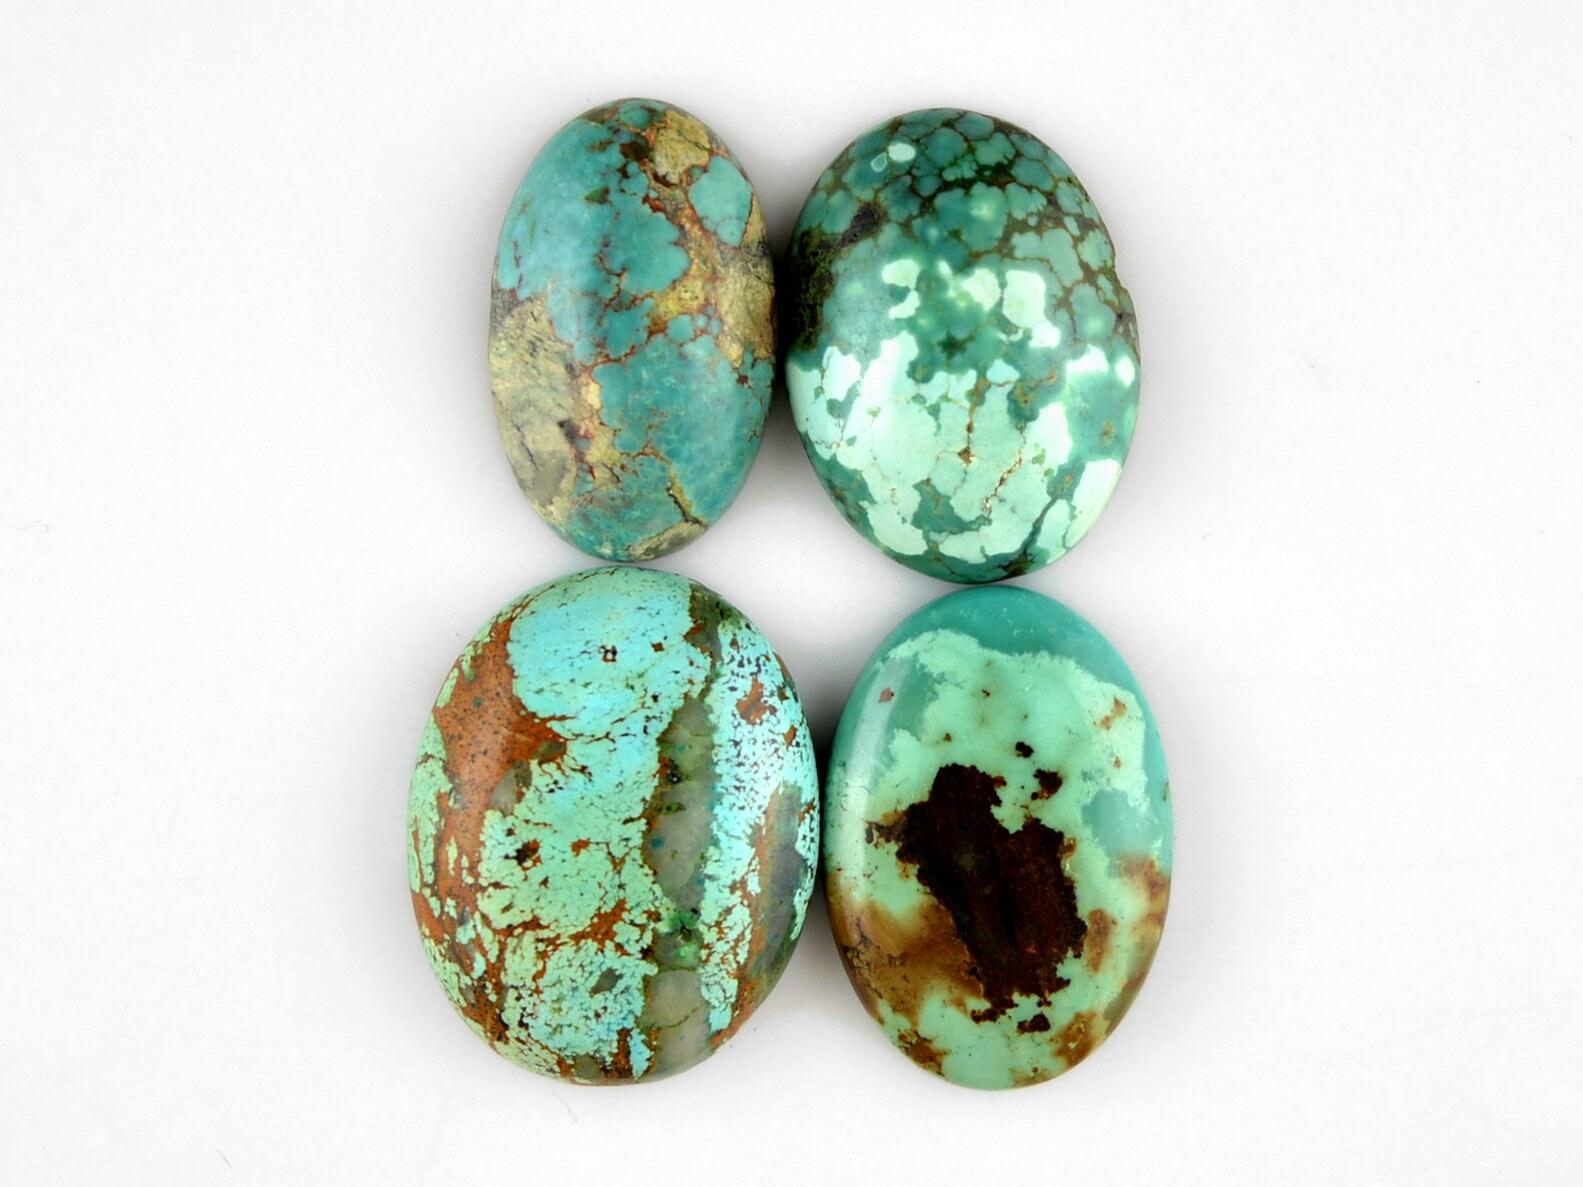 4 Pcs vert vert vert Campitos Turquoise Cabochons American turquoise fait à la main turquoise cabochon pierre de Turquoise naturelle 21 x 12 25x19mm 90Cts n ° 2969 9efab6